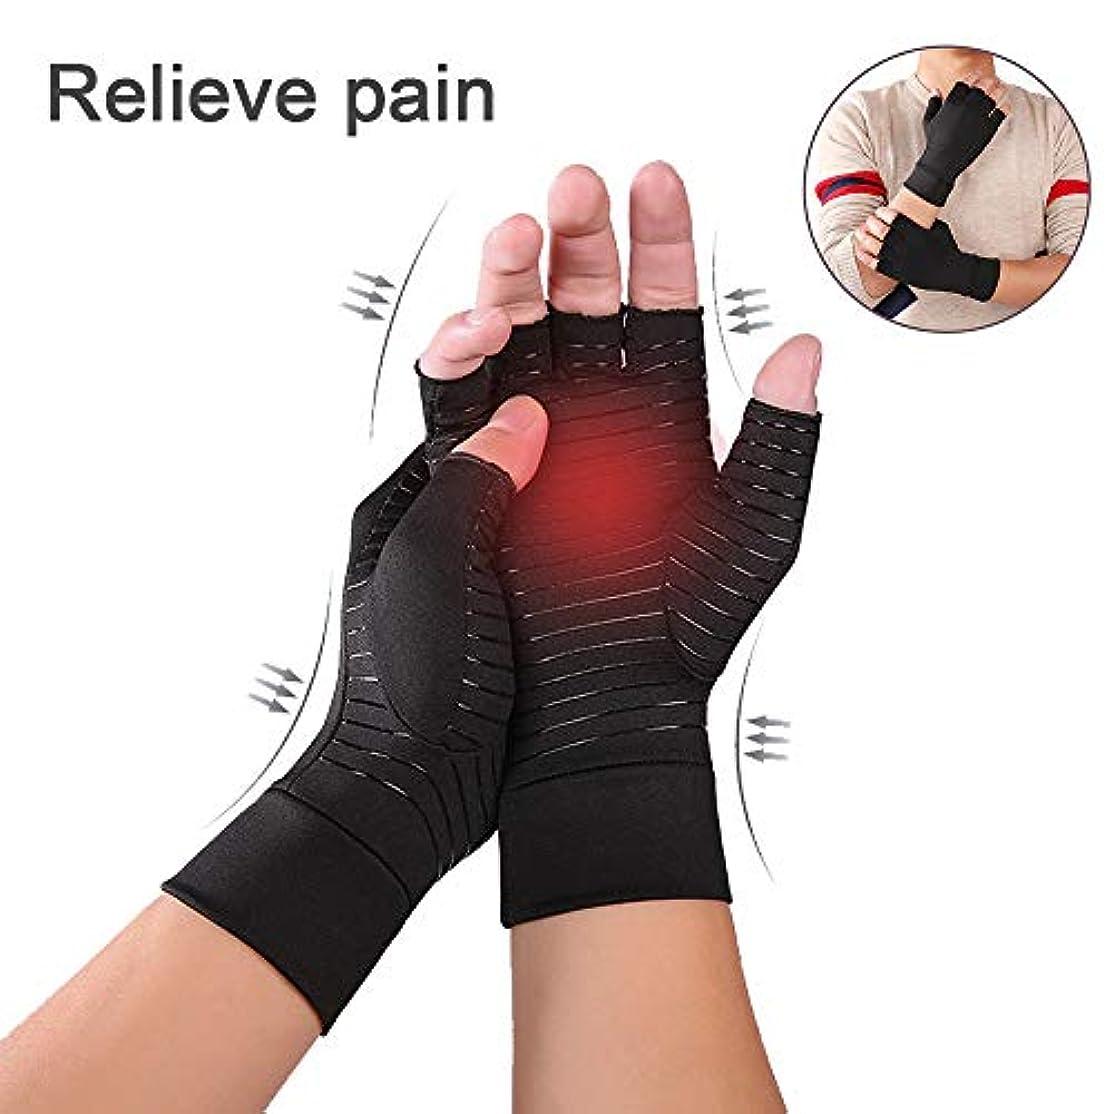 起業家スリルフェードアウト銅圧縮関節炎手袋、圧縮関節炎グローブリハビリテーションハーフフィンガーグローブ圧縮関節炎痛み緩和リウマチ性変形性関節症および手根管